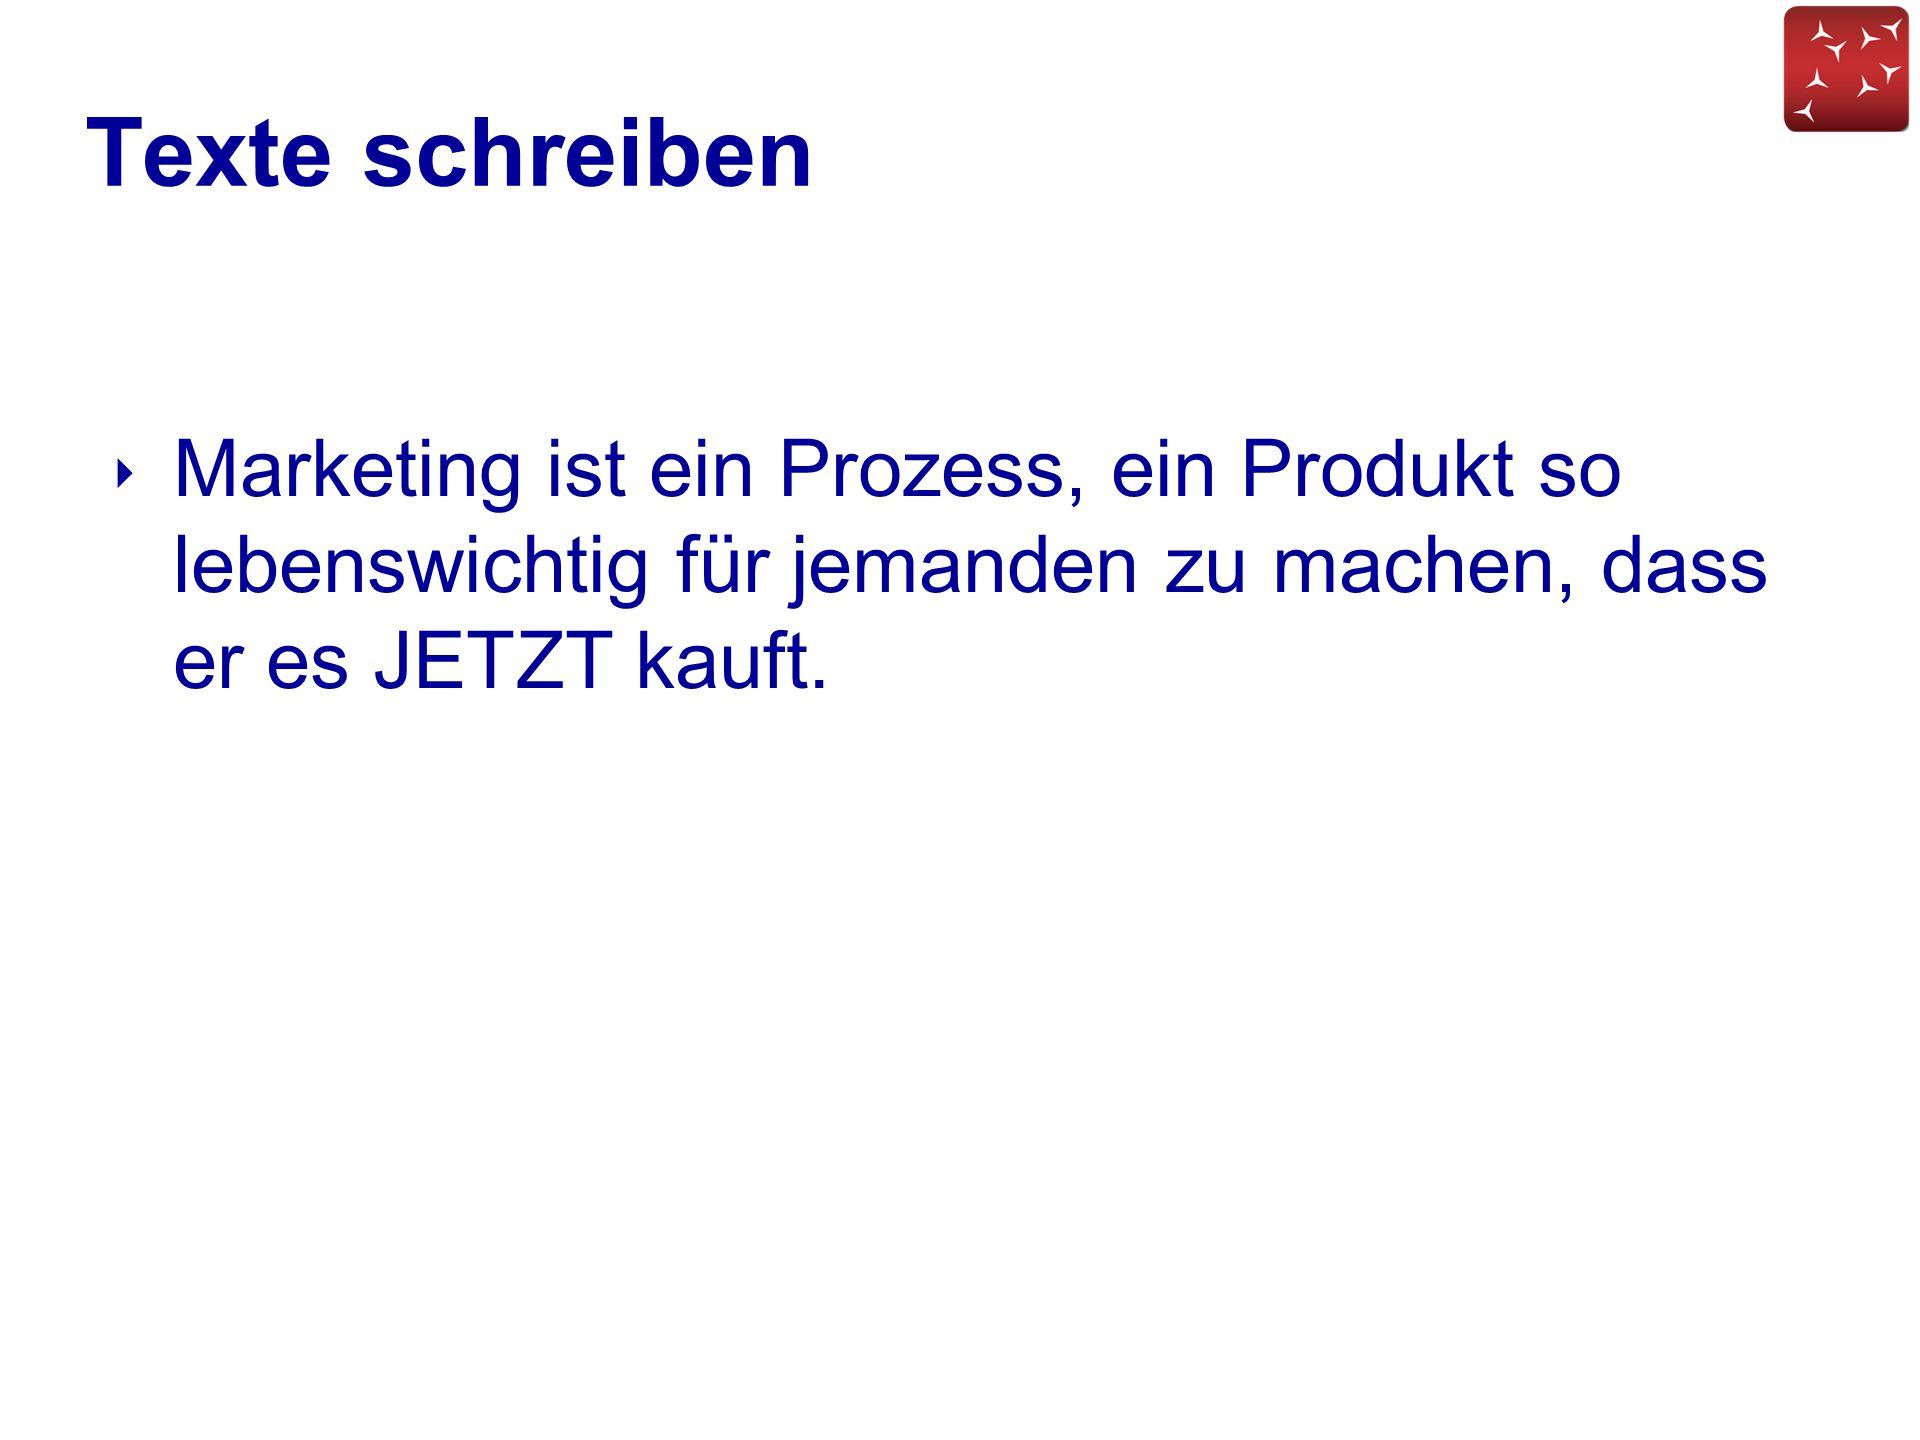 Texte schreiben ‣ Marketing ist ein Prozess, ein Produkt so lebenswichtig für jemanden zu machen, dass er es JETZT kauft.